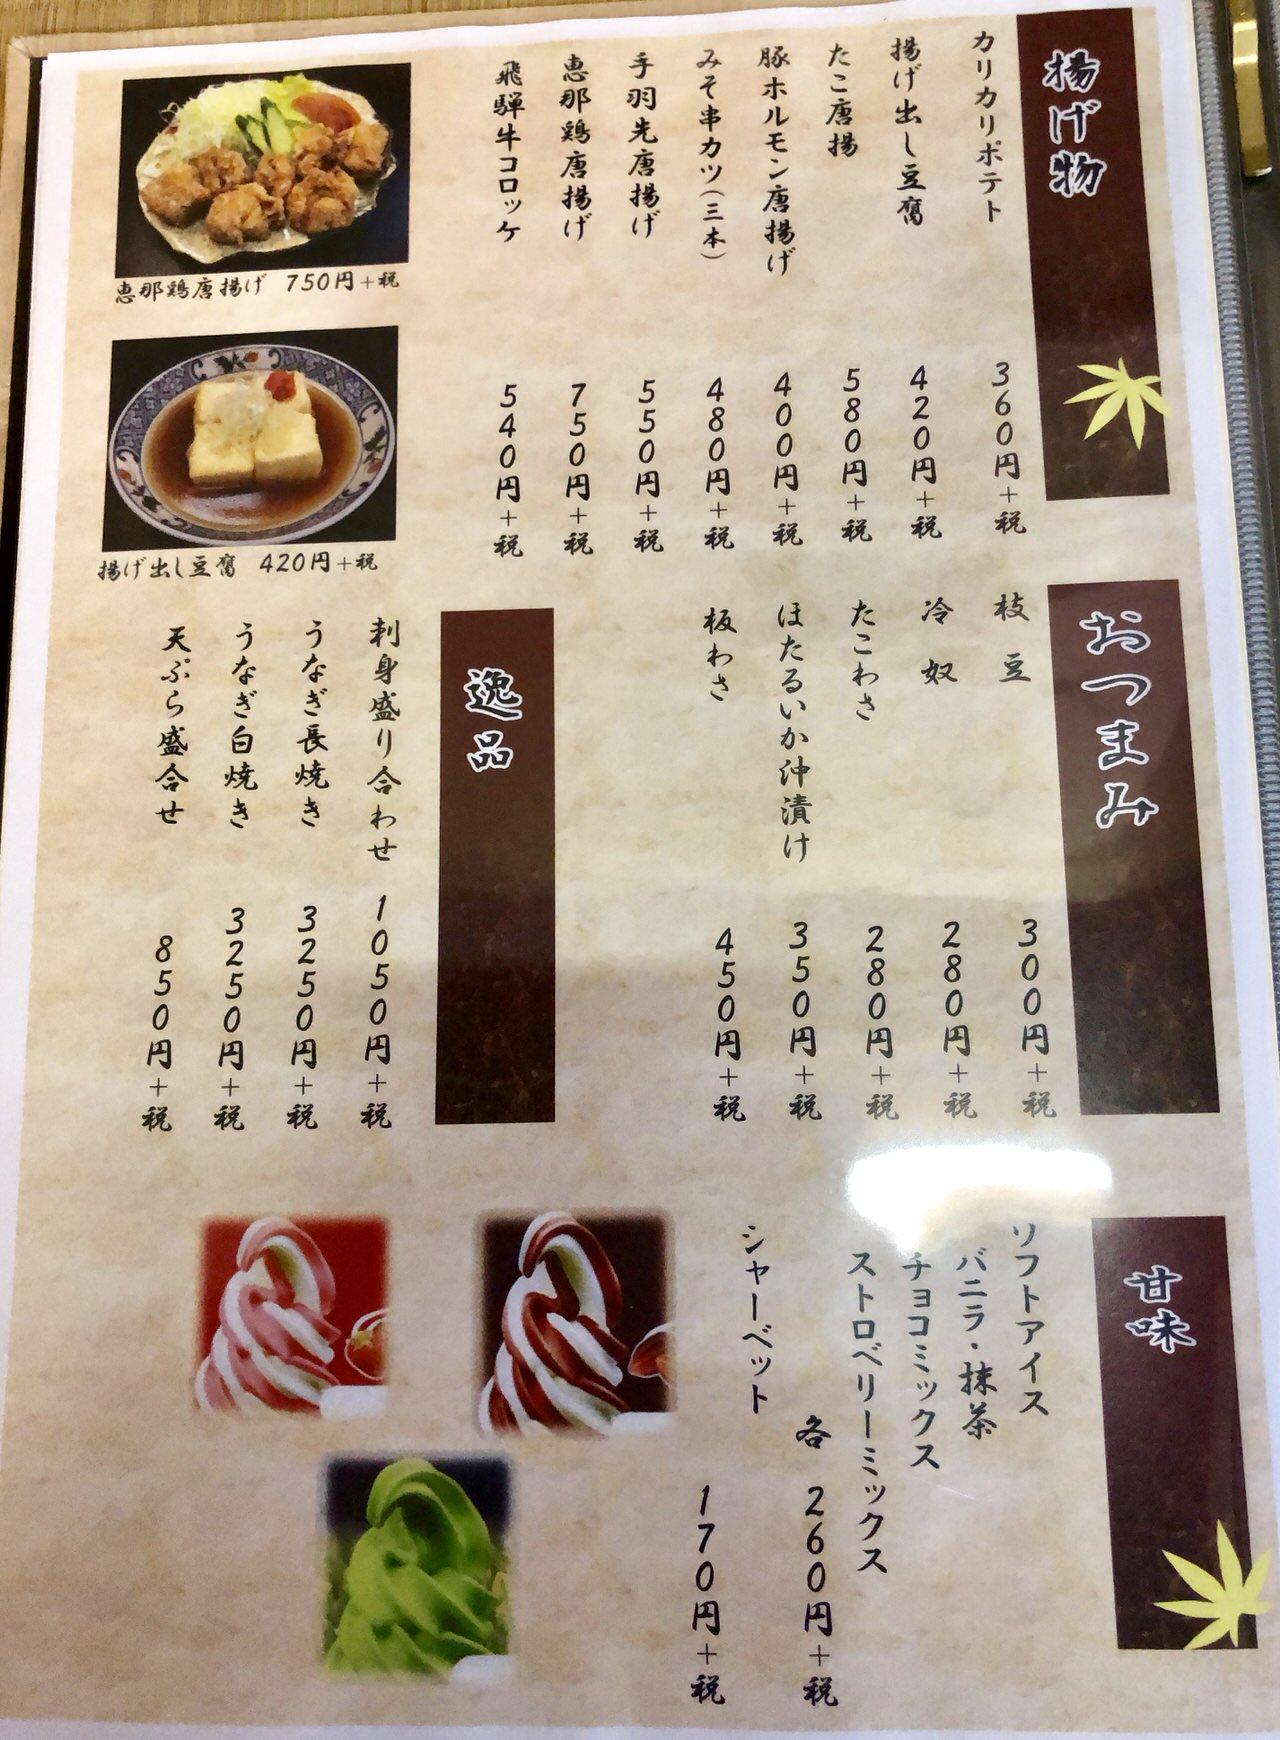 岩村駅前の食事処、和風レストランかわいの単品メニュー表